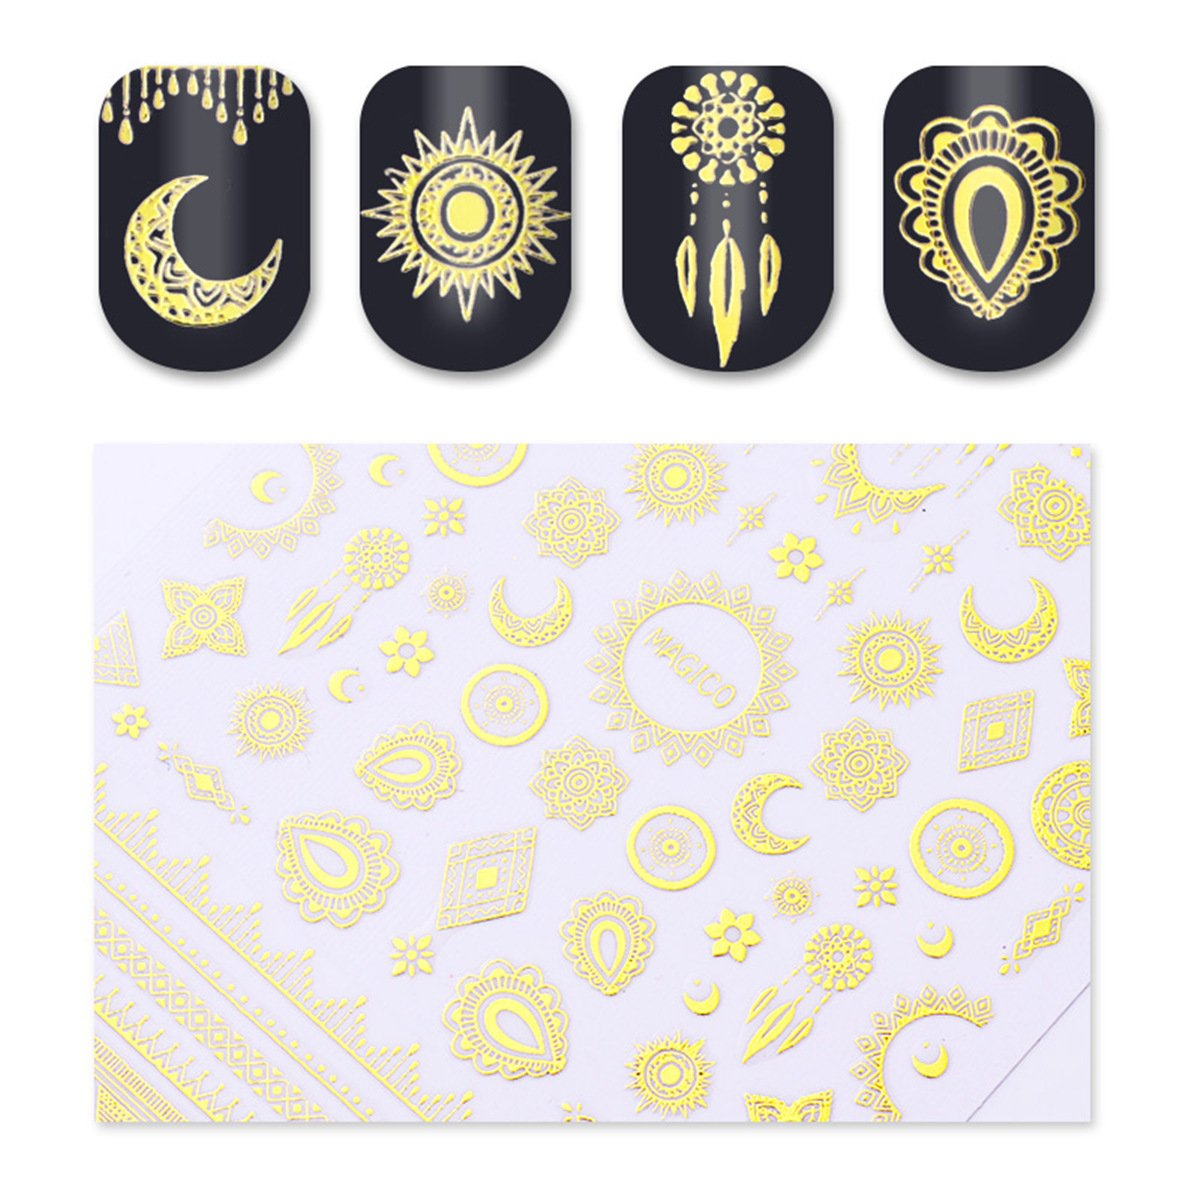 3D-Nagel-Aufkleber-Stern-Mond-Bild-klebende Nagel-Kunst-Dekorationen, Gold TM